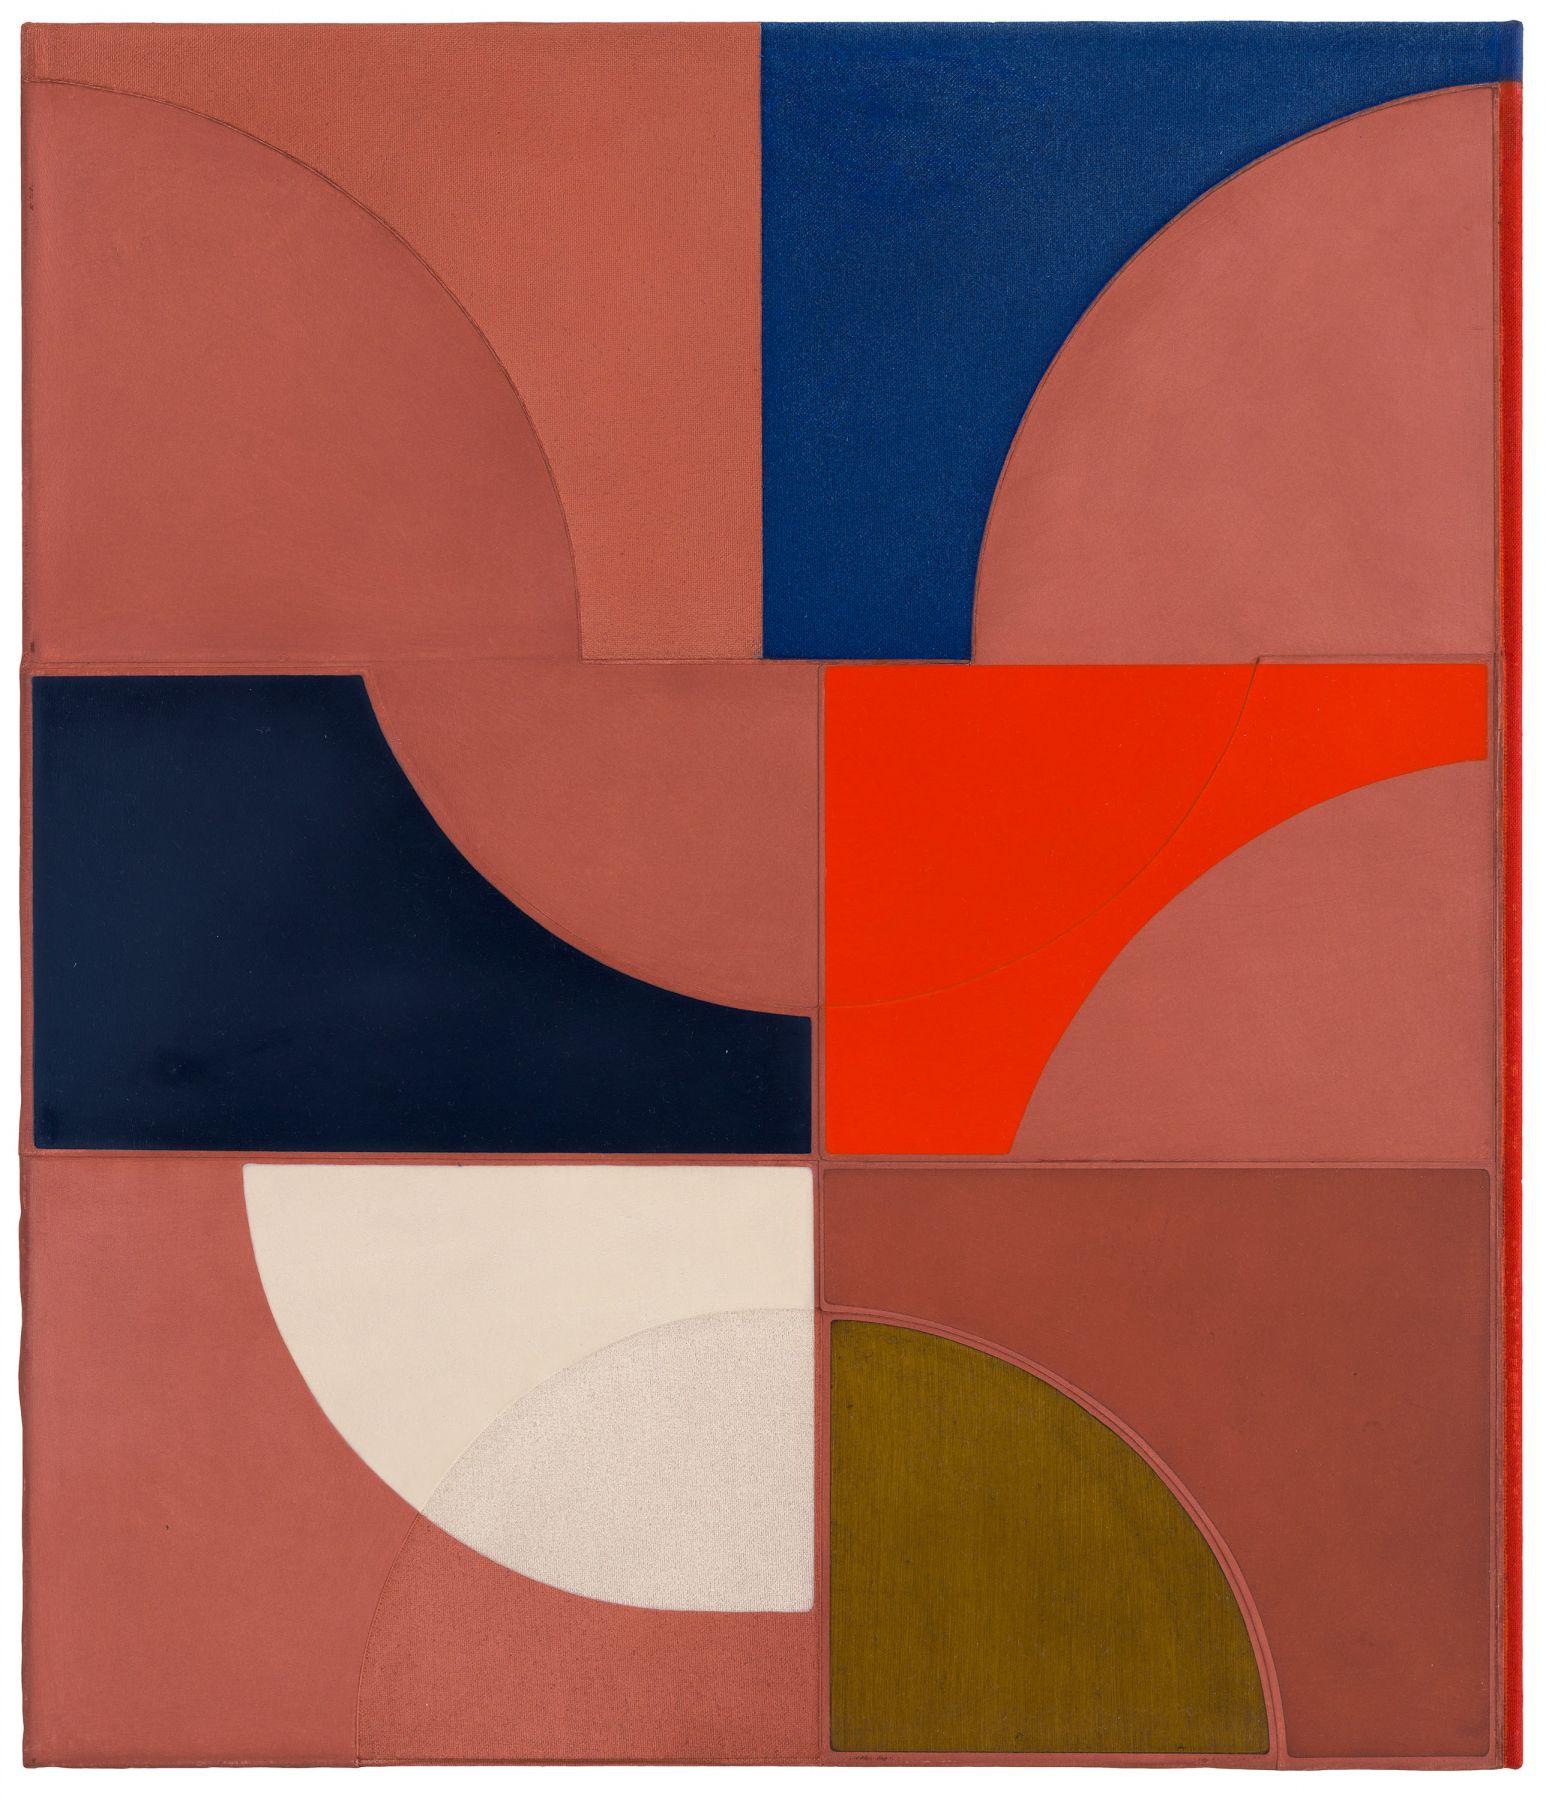 Svenja Deininger, Untitled, painting